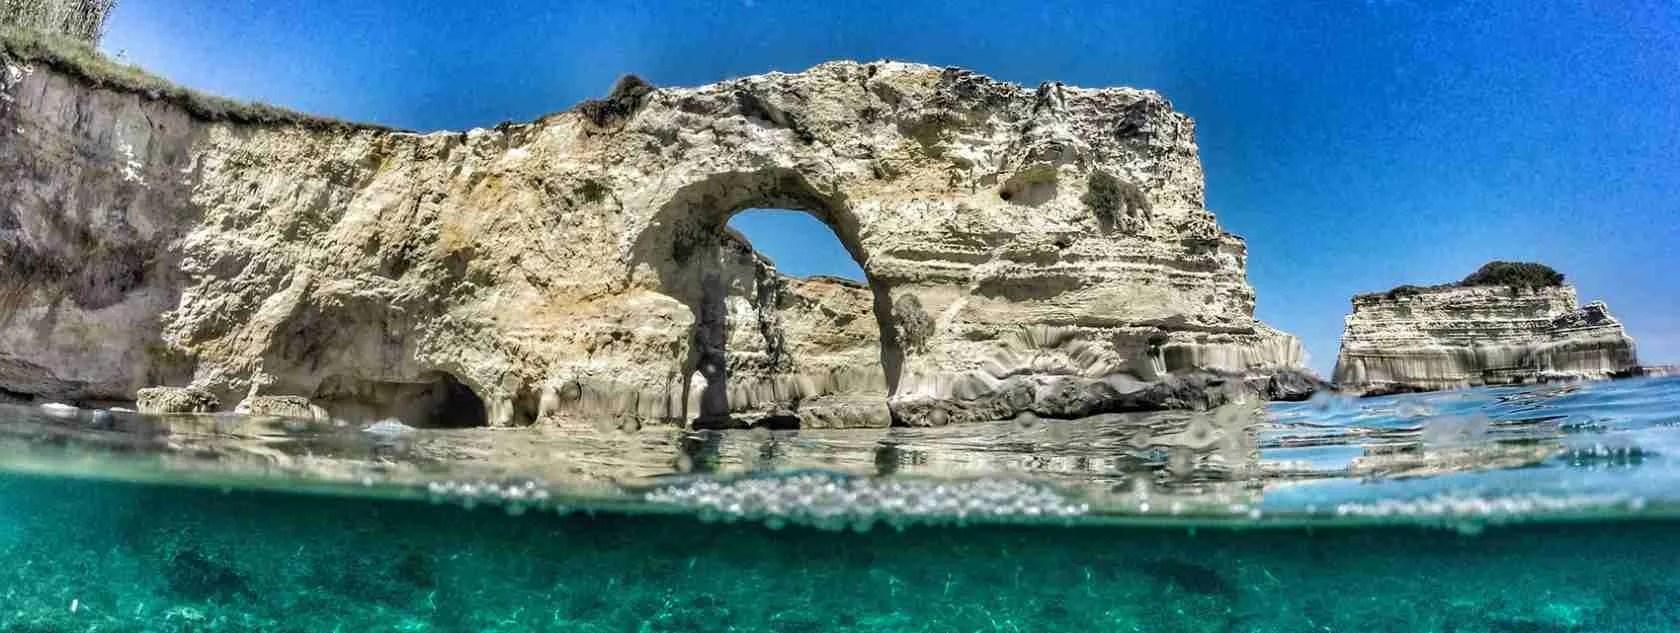 Il meravigliso Salento, a due passi dalla città di Lecce. Un luogo perfetto per un soggiorno estivo con una escort Lecce.